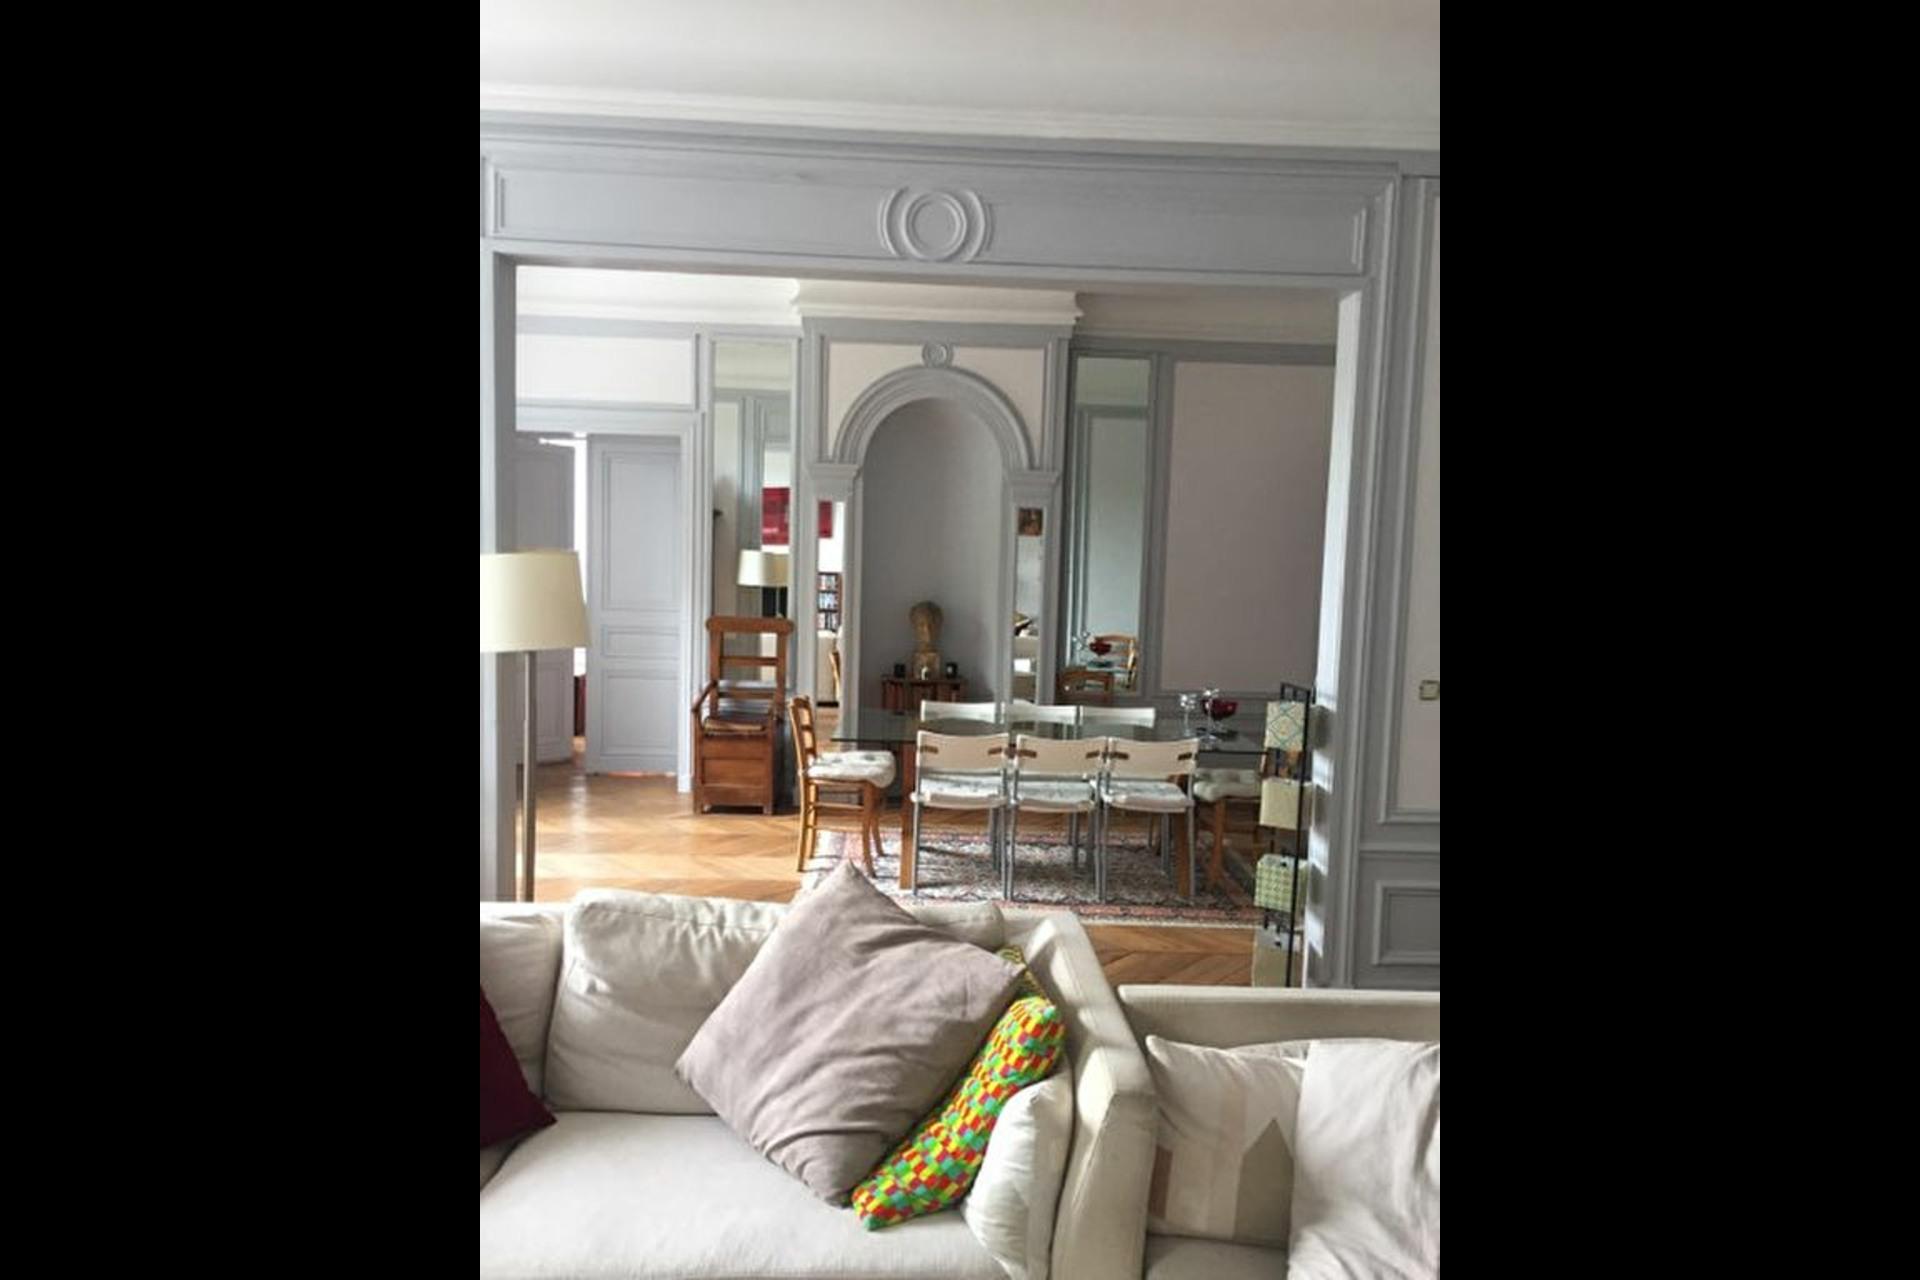 image 0 - Appartement À louer saint germain en laye - 6 pièces